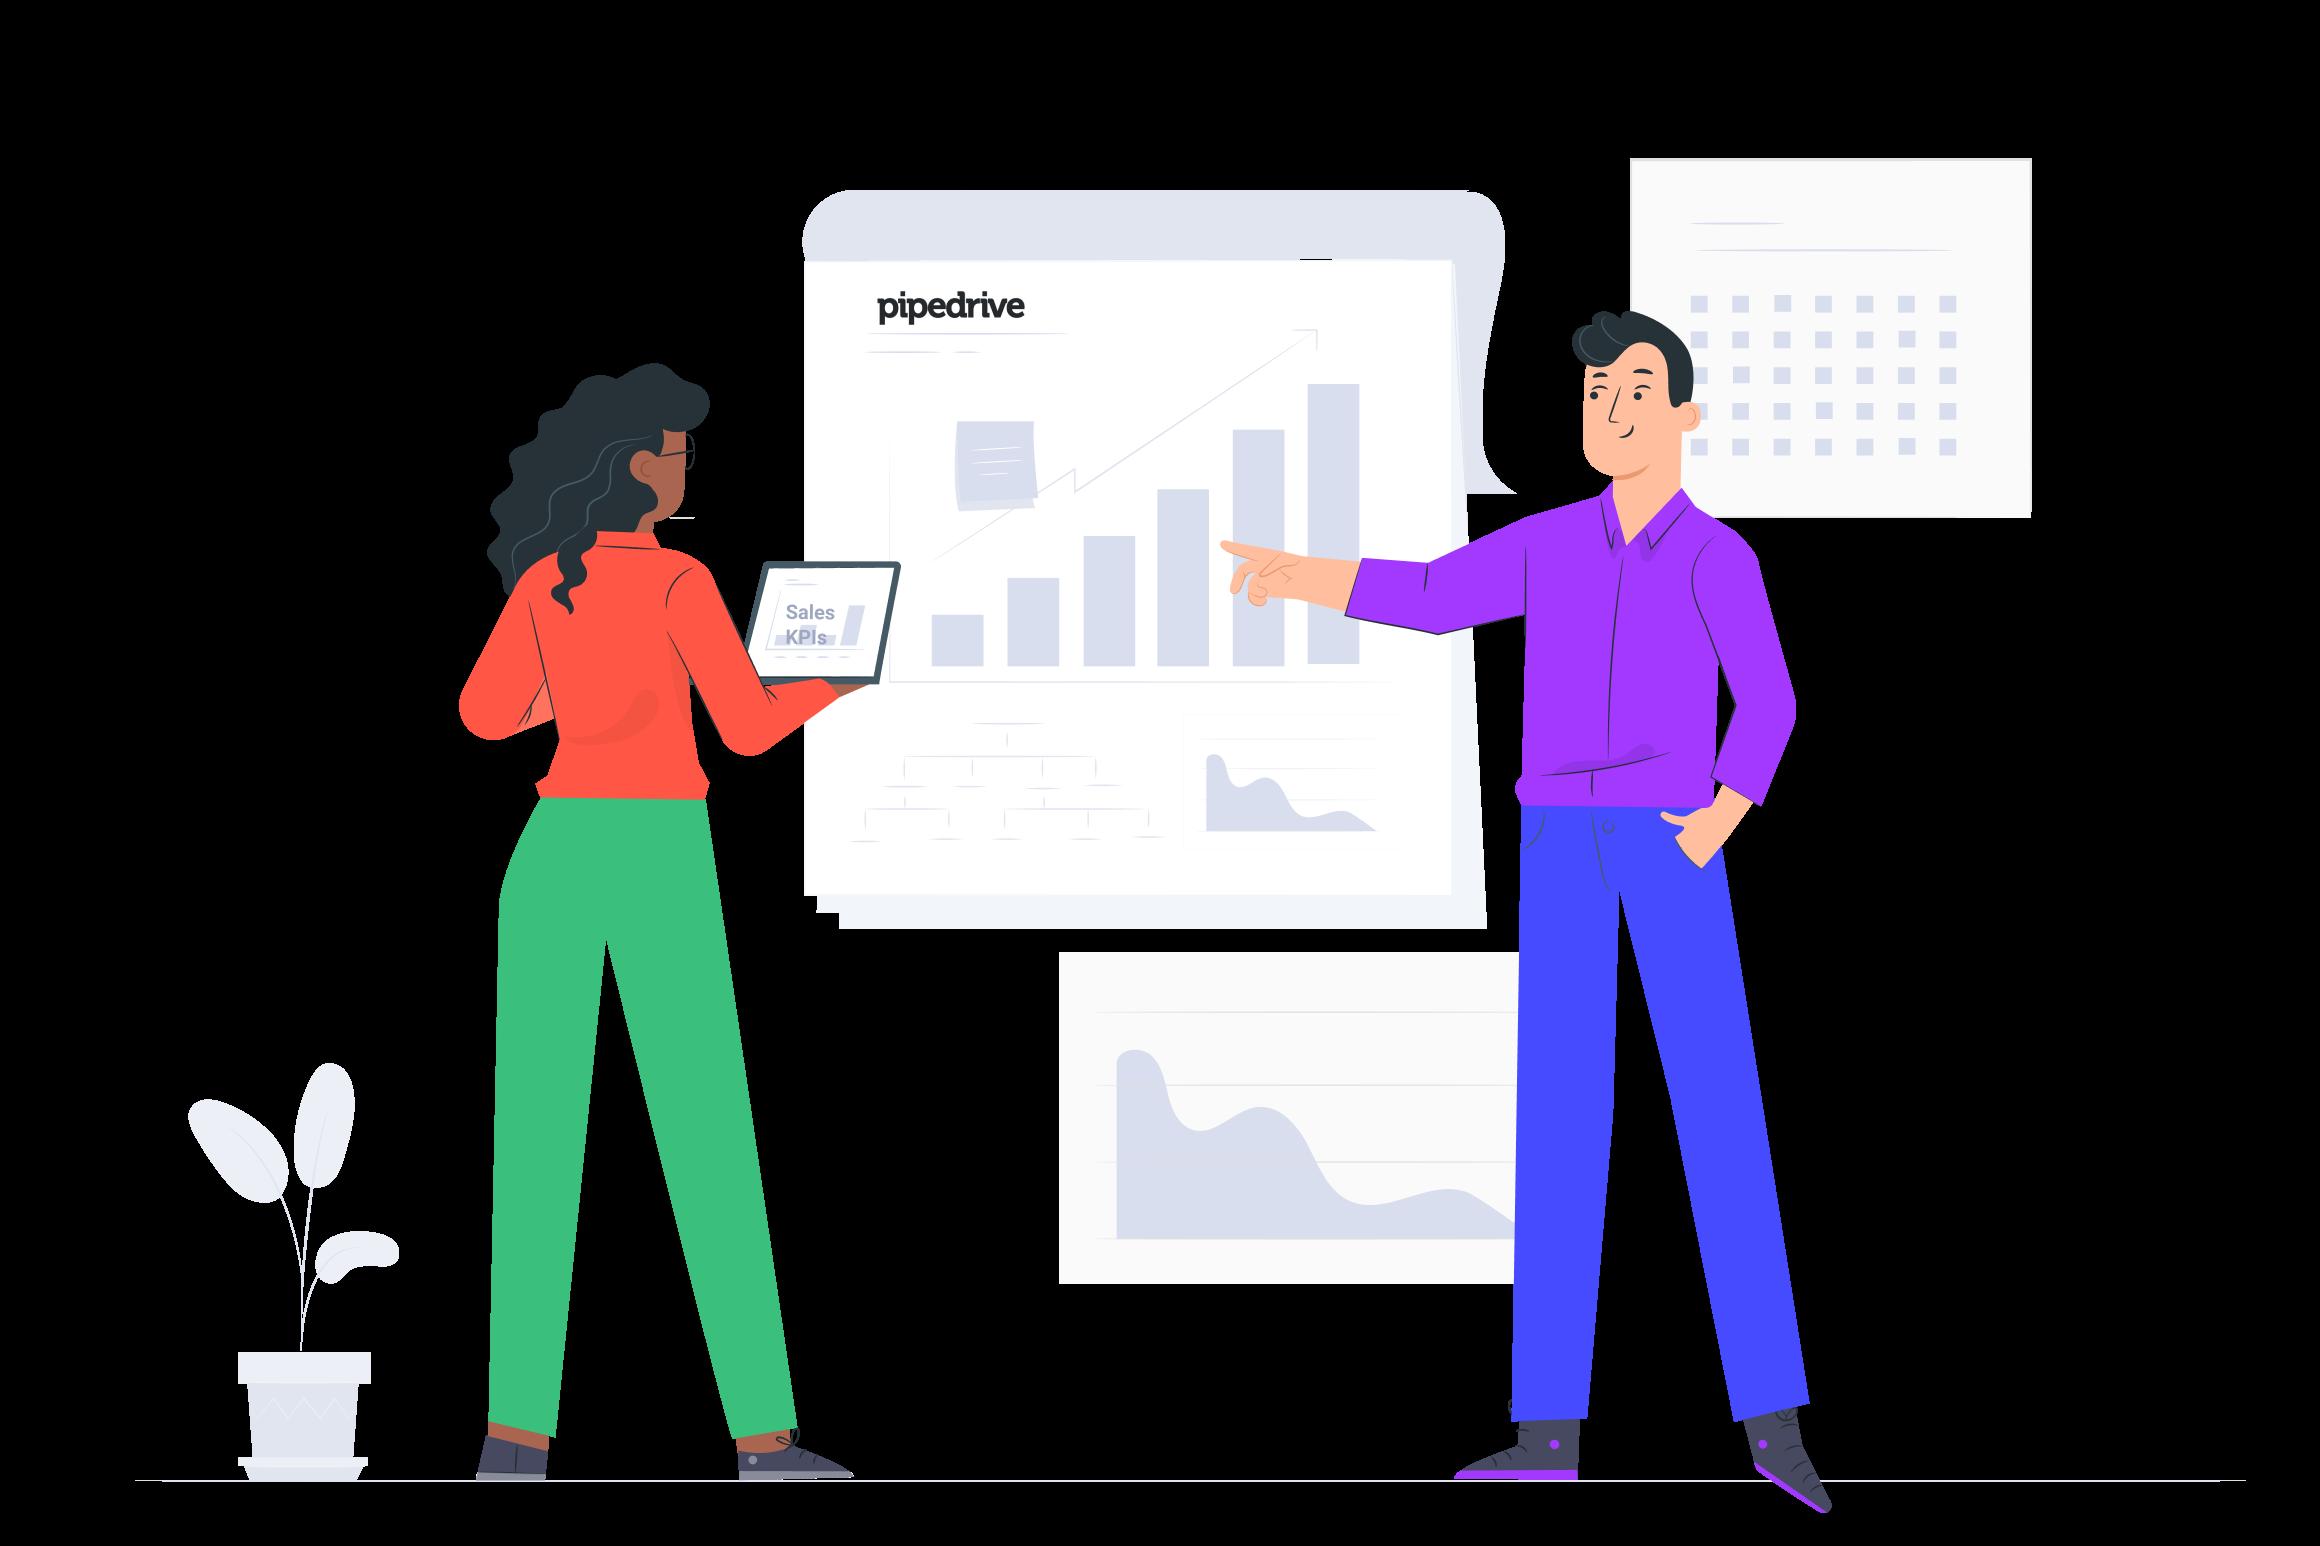 Pipedrive Sales KPI